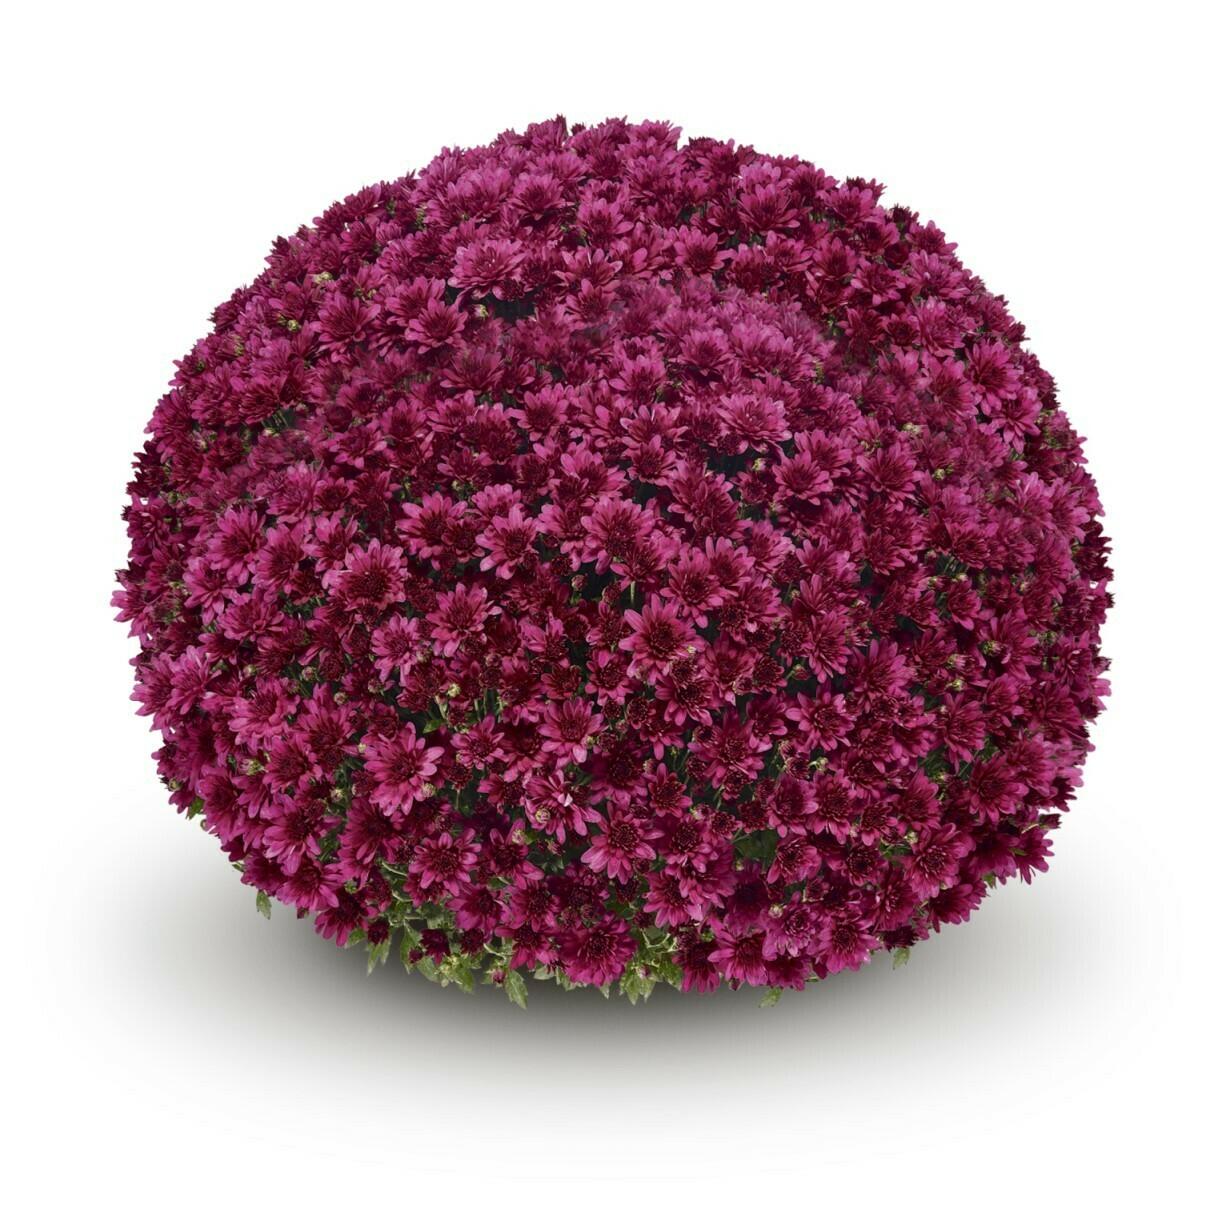 Arluno Purple 70, 76-78